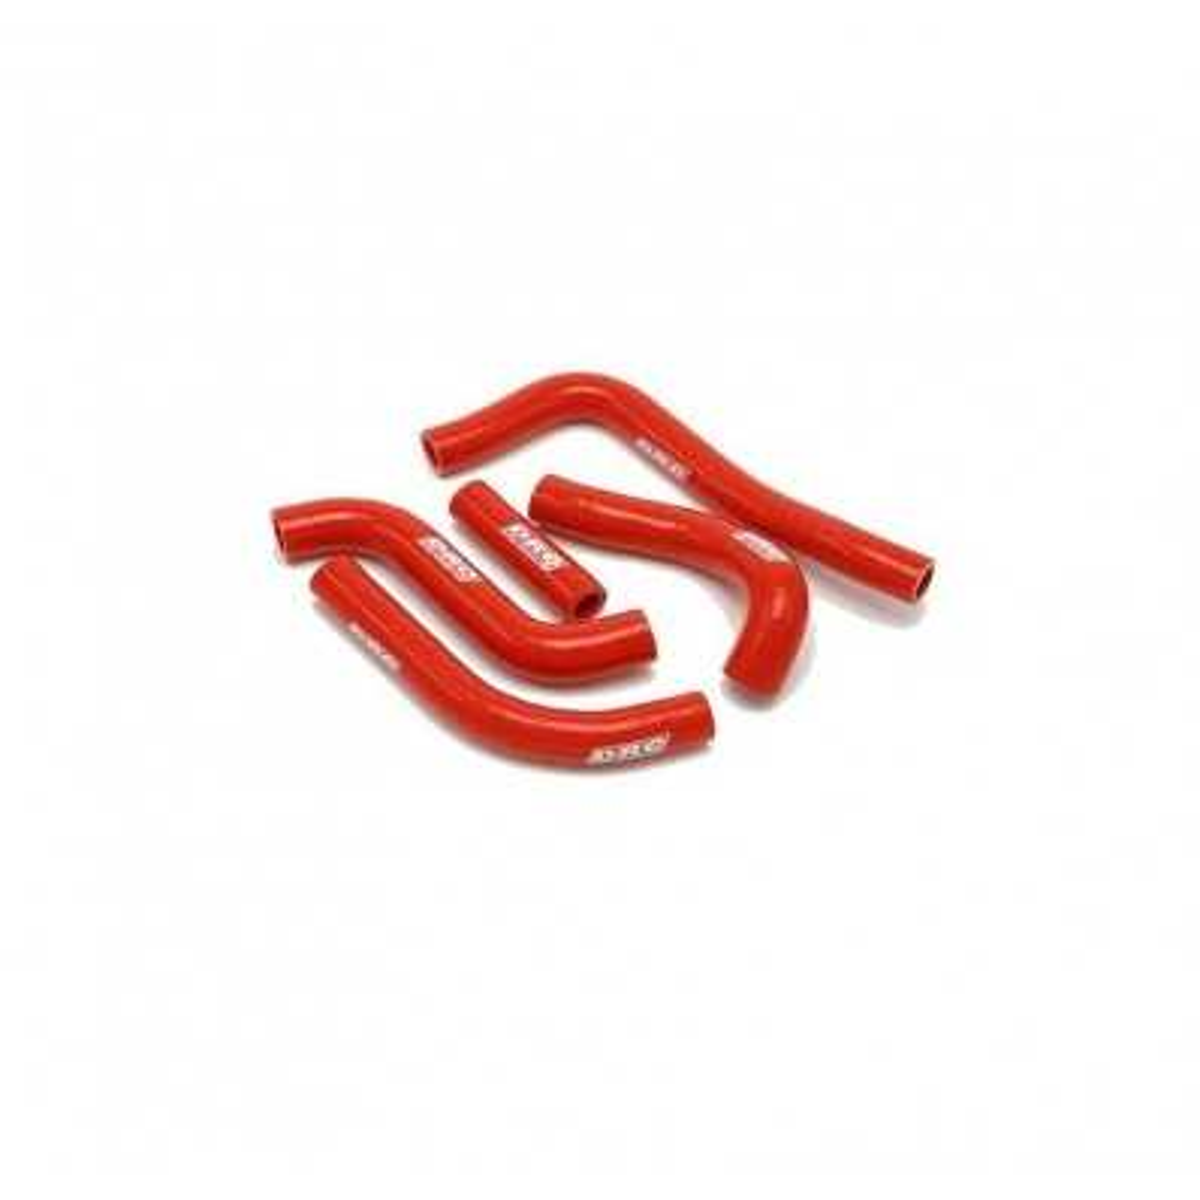 D47.01.493 - Kit Manguitos Radiador Suzuki Rmz450´15 Rojo